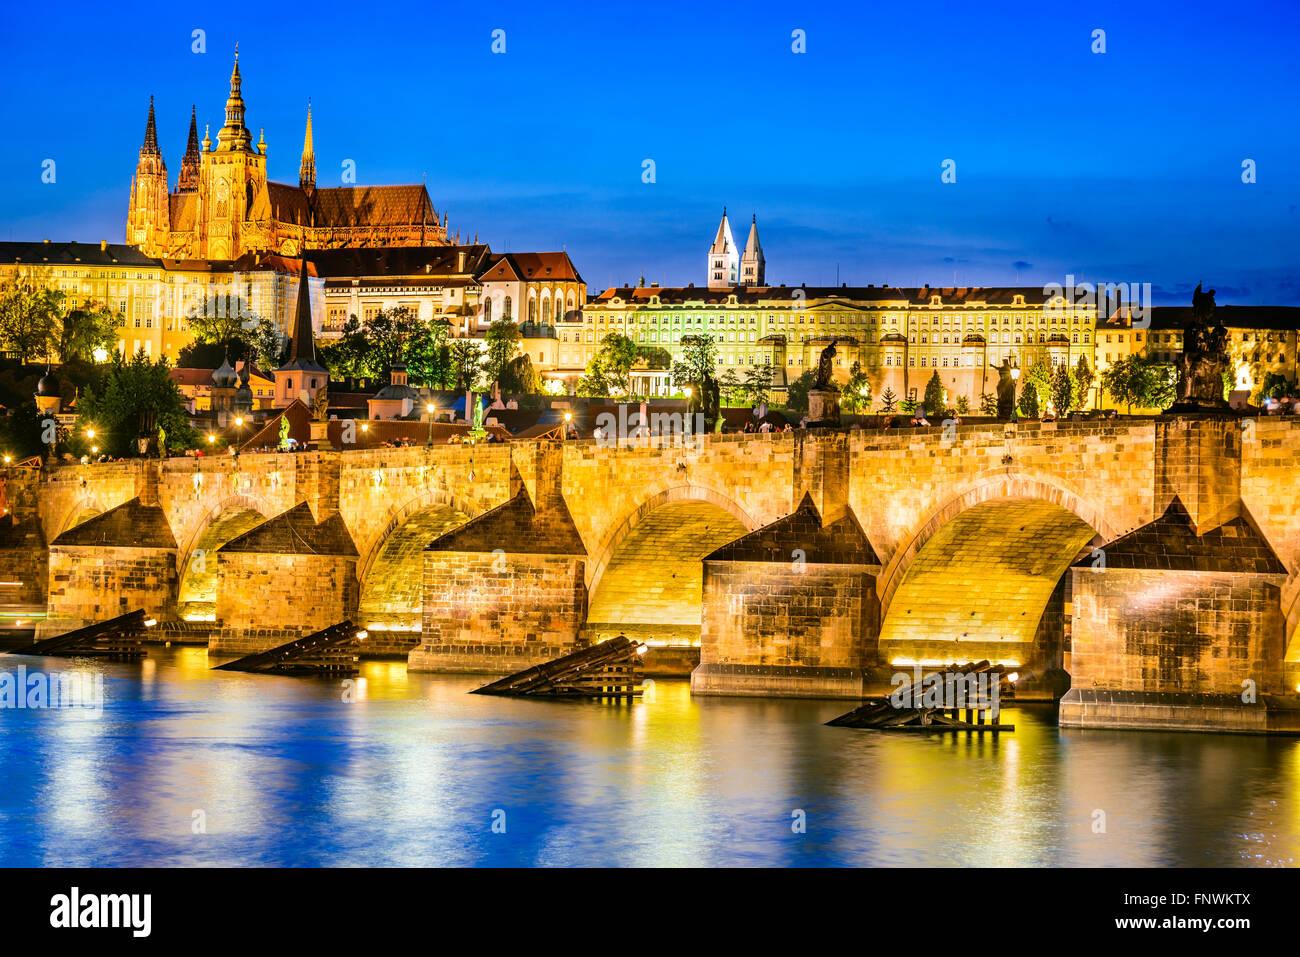 Praga, Repubblica Ceca. Il Ponte di Carlo e Hradcany (Castello di Praga) con la Cattedrale di San Vito e la chiesa Immagini Stock